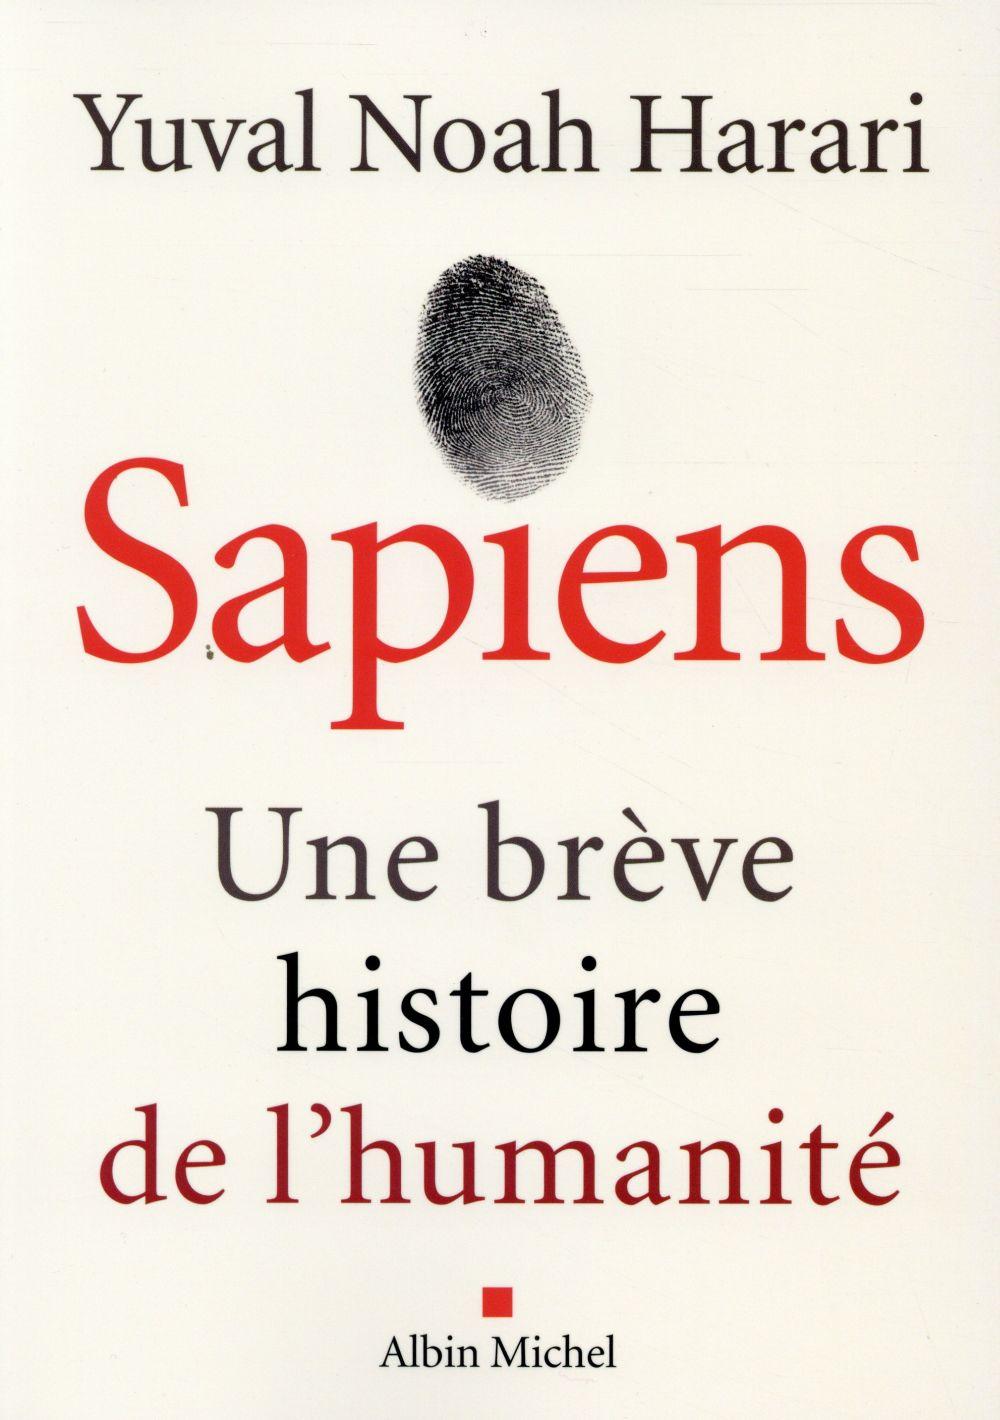 SAPIENS  -  UNE BREVE HISTOIRE DE L'HUMANITE Harari Yuval Noah Albin Michel